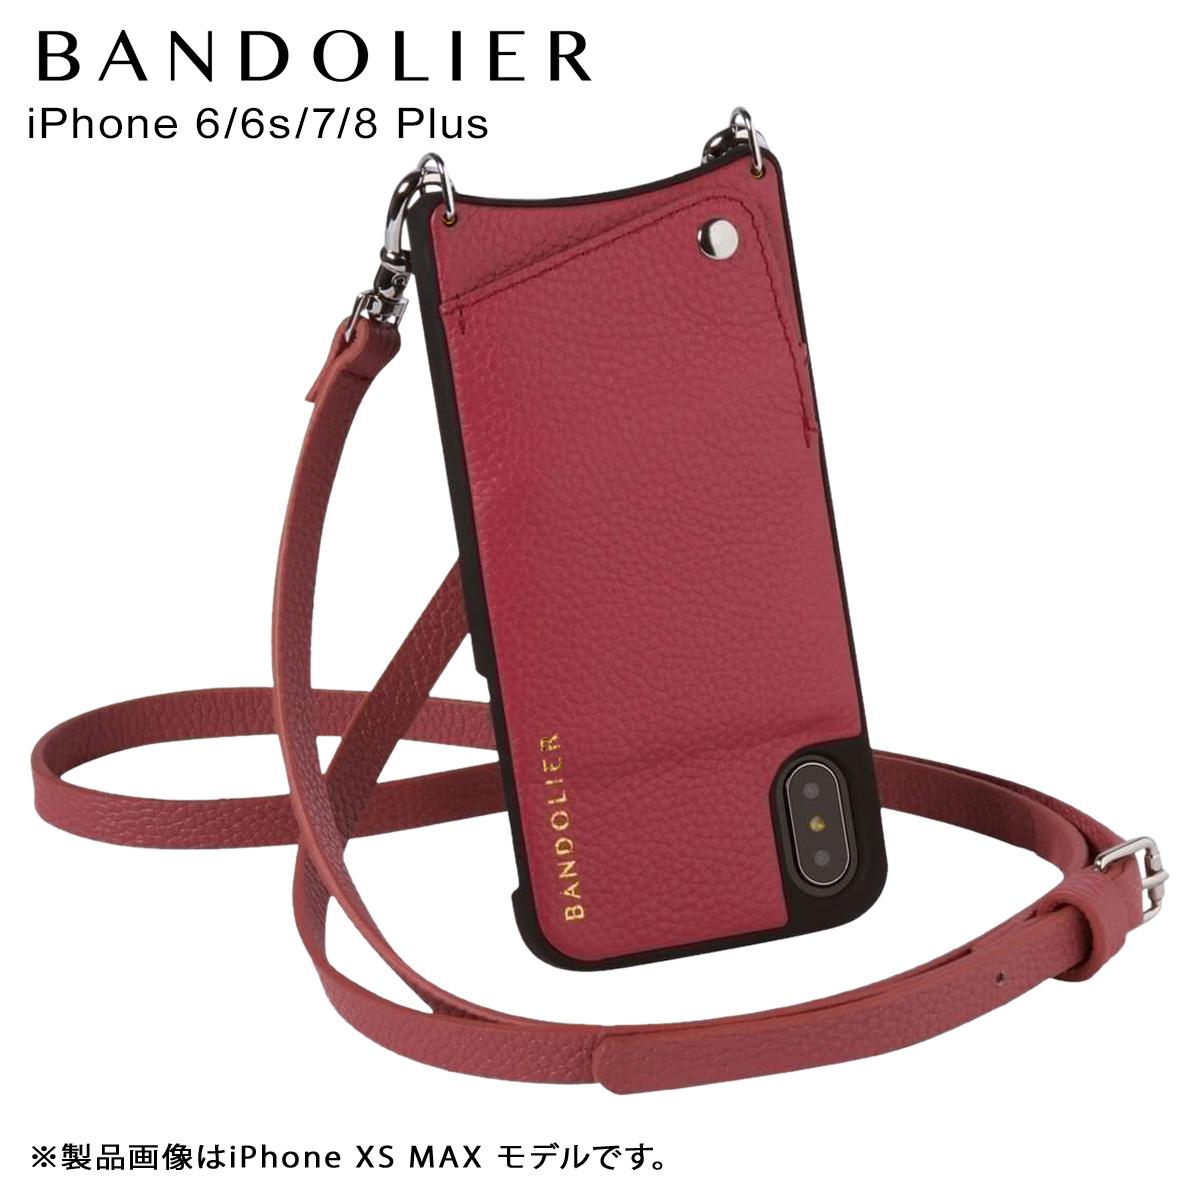 BANDOLIER iPhone 6 6s 7 8 Plus EMMA MAGENTA RED バンドリヤー ケース ショルダー スマホ アイフォン レザー メンズ レディース マゼンタ レッド 10EMM1001